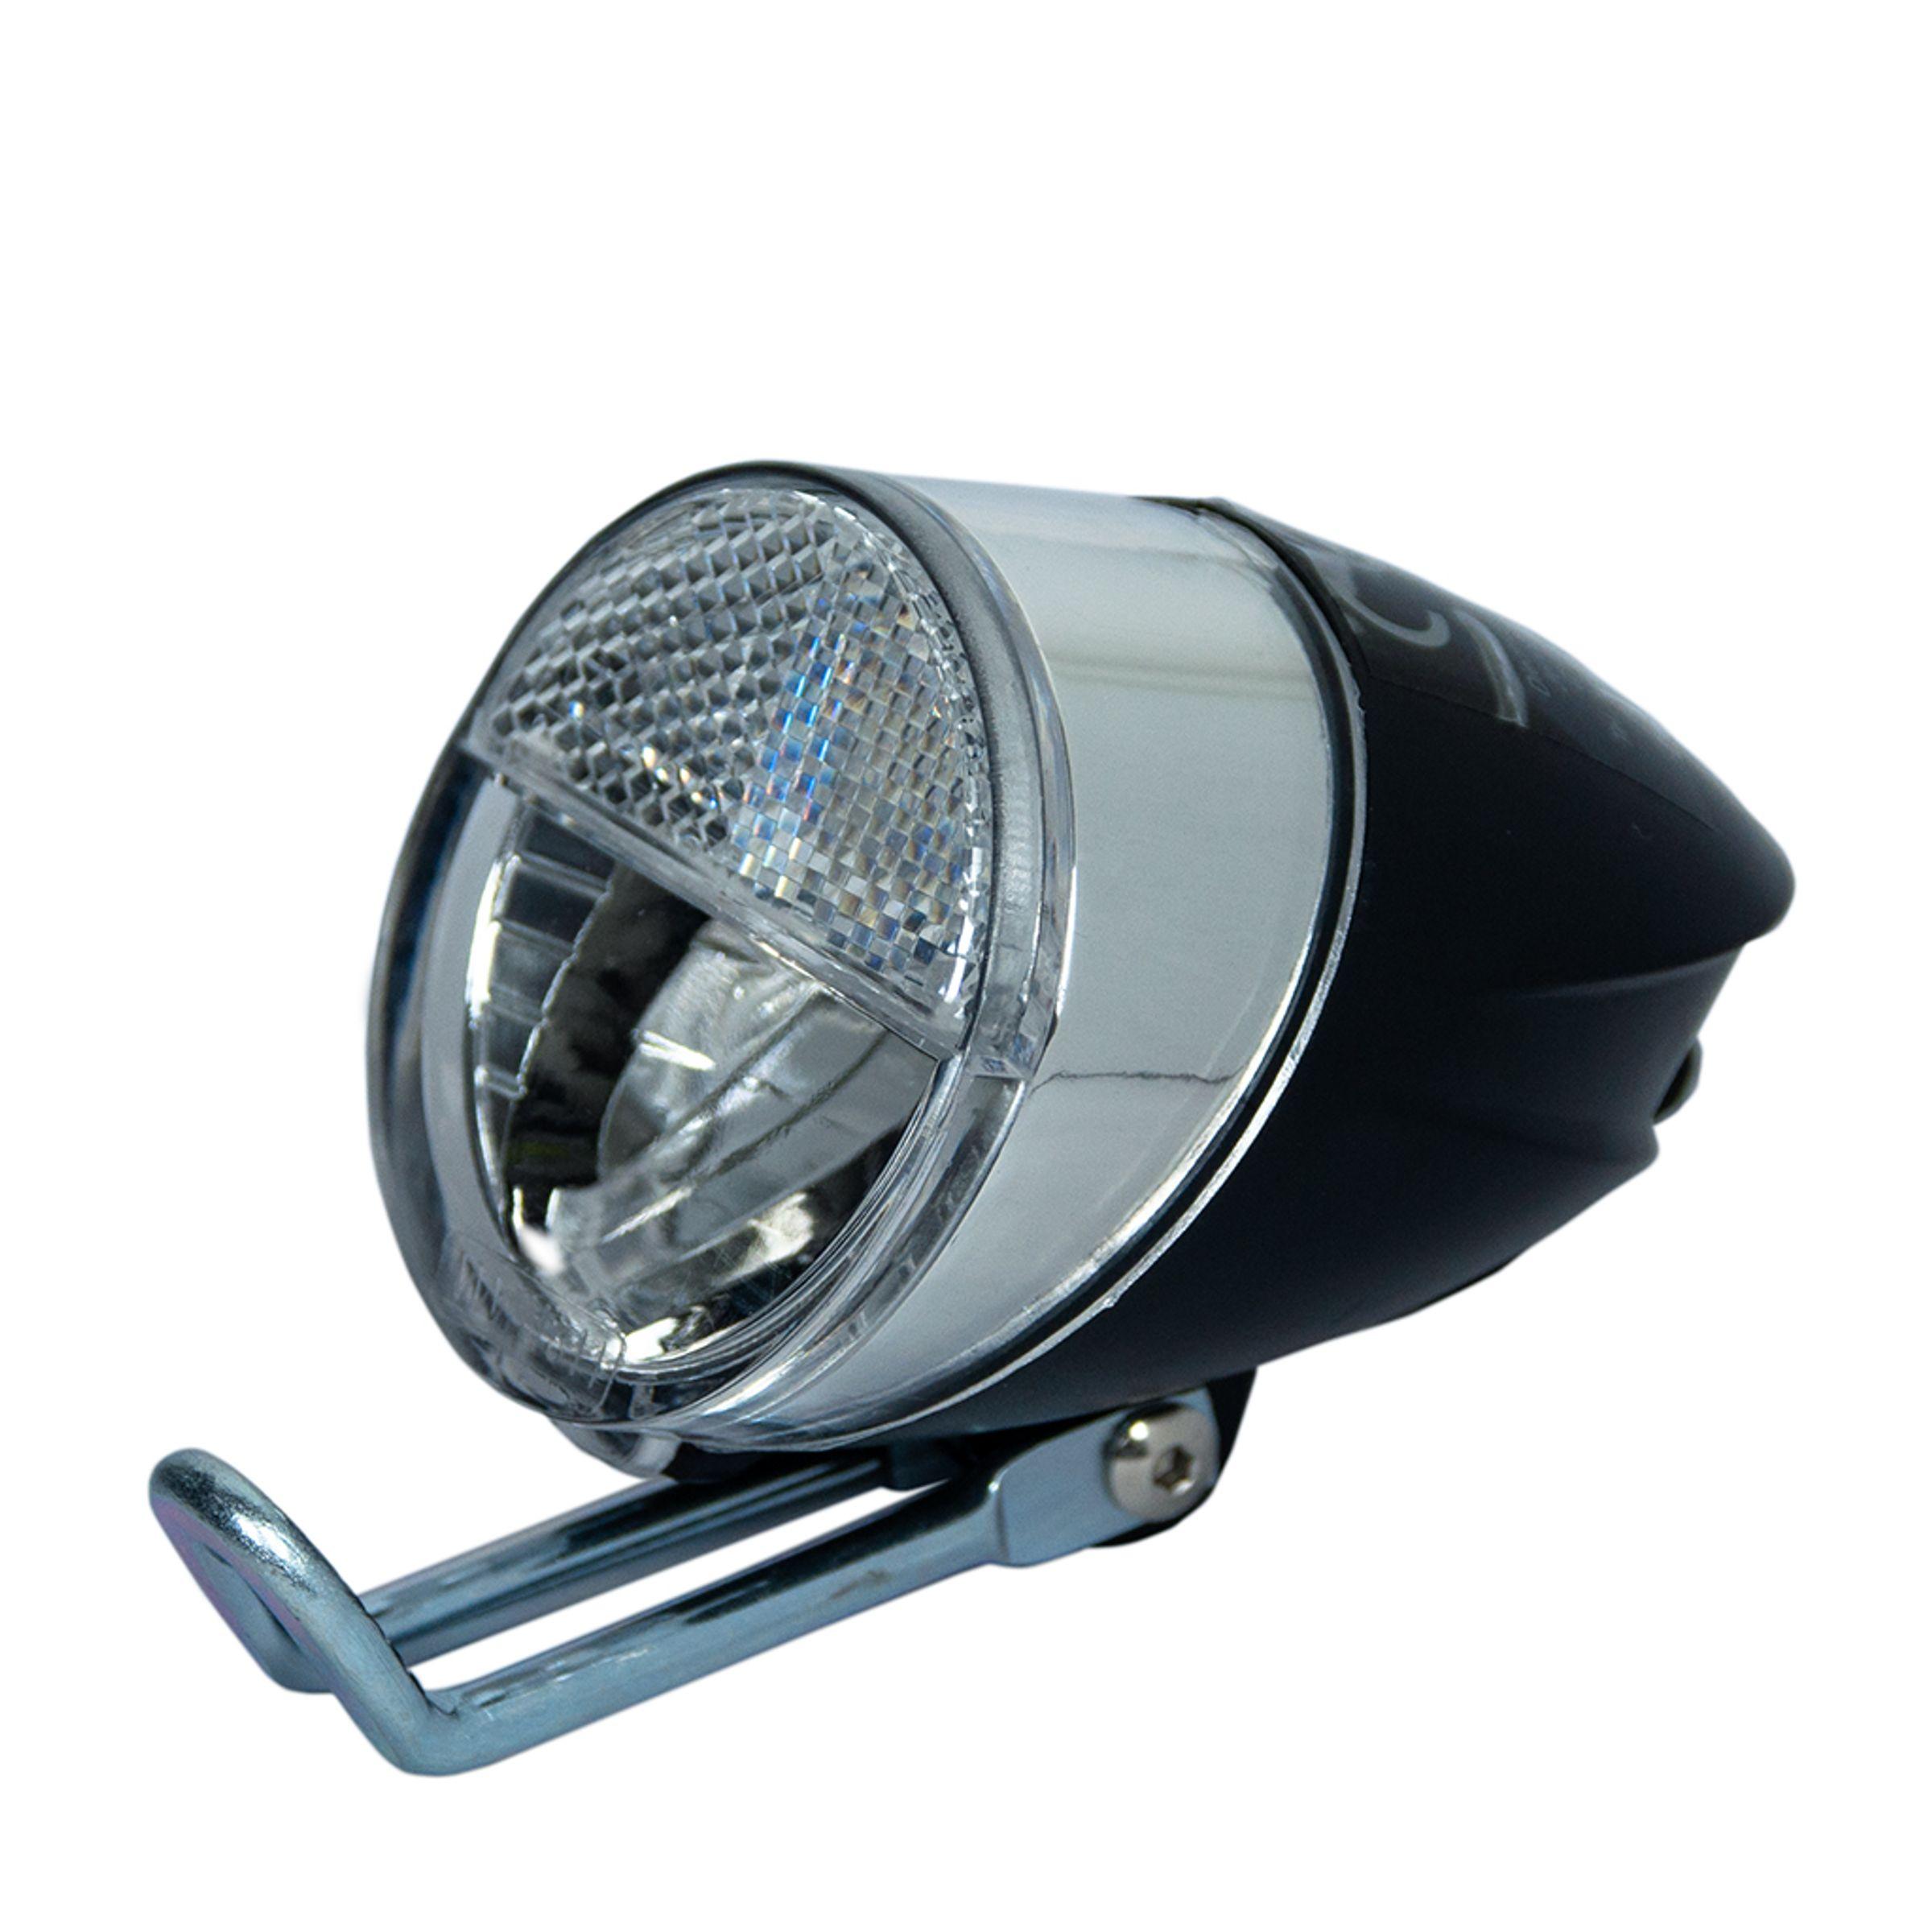 led fahrrad scheinwerfer frontlicht vorderlicht vorne mit sensor 30 lux ebay. Black Bedroom Furniture Sets. Home Design Ideas